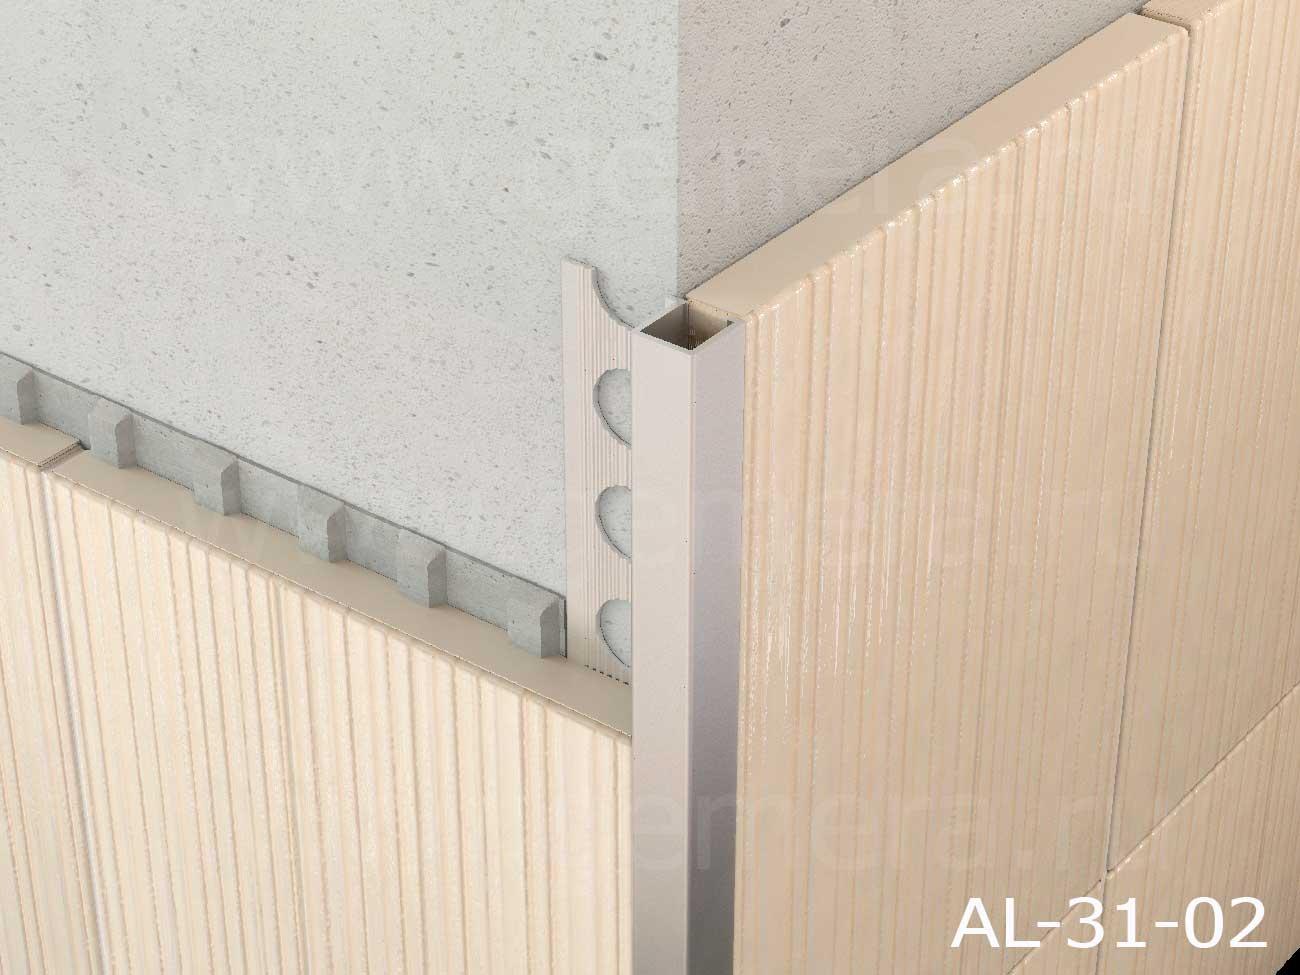 Профиль Р-образный для кафельной плитки внешний Butun AL-31-02